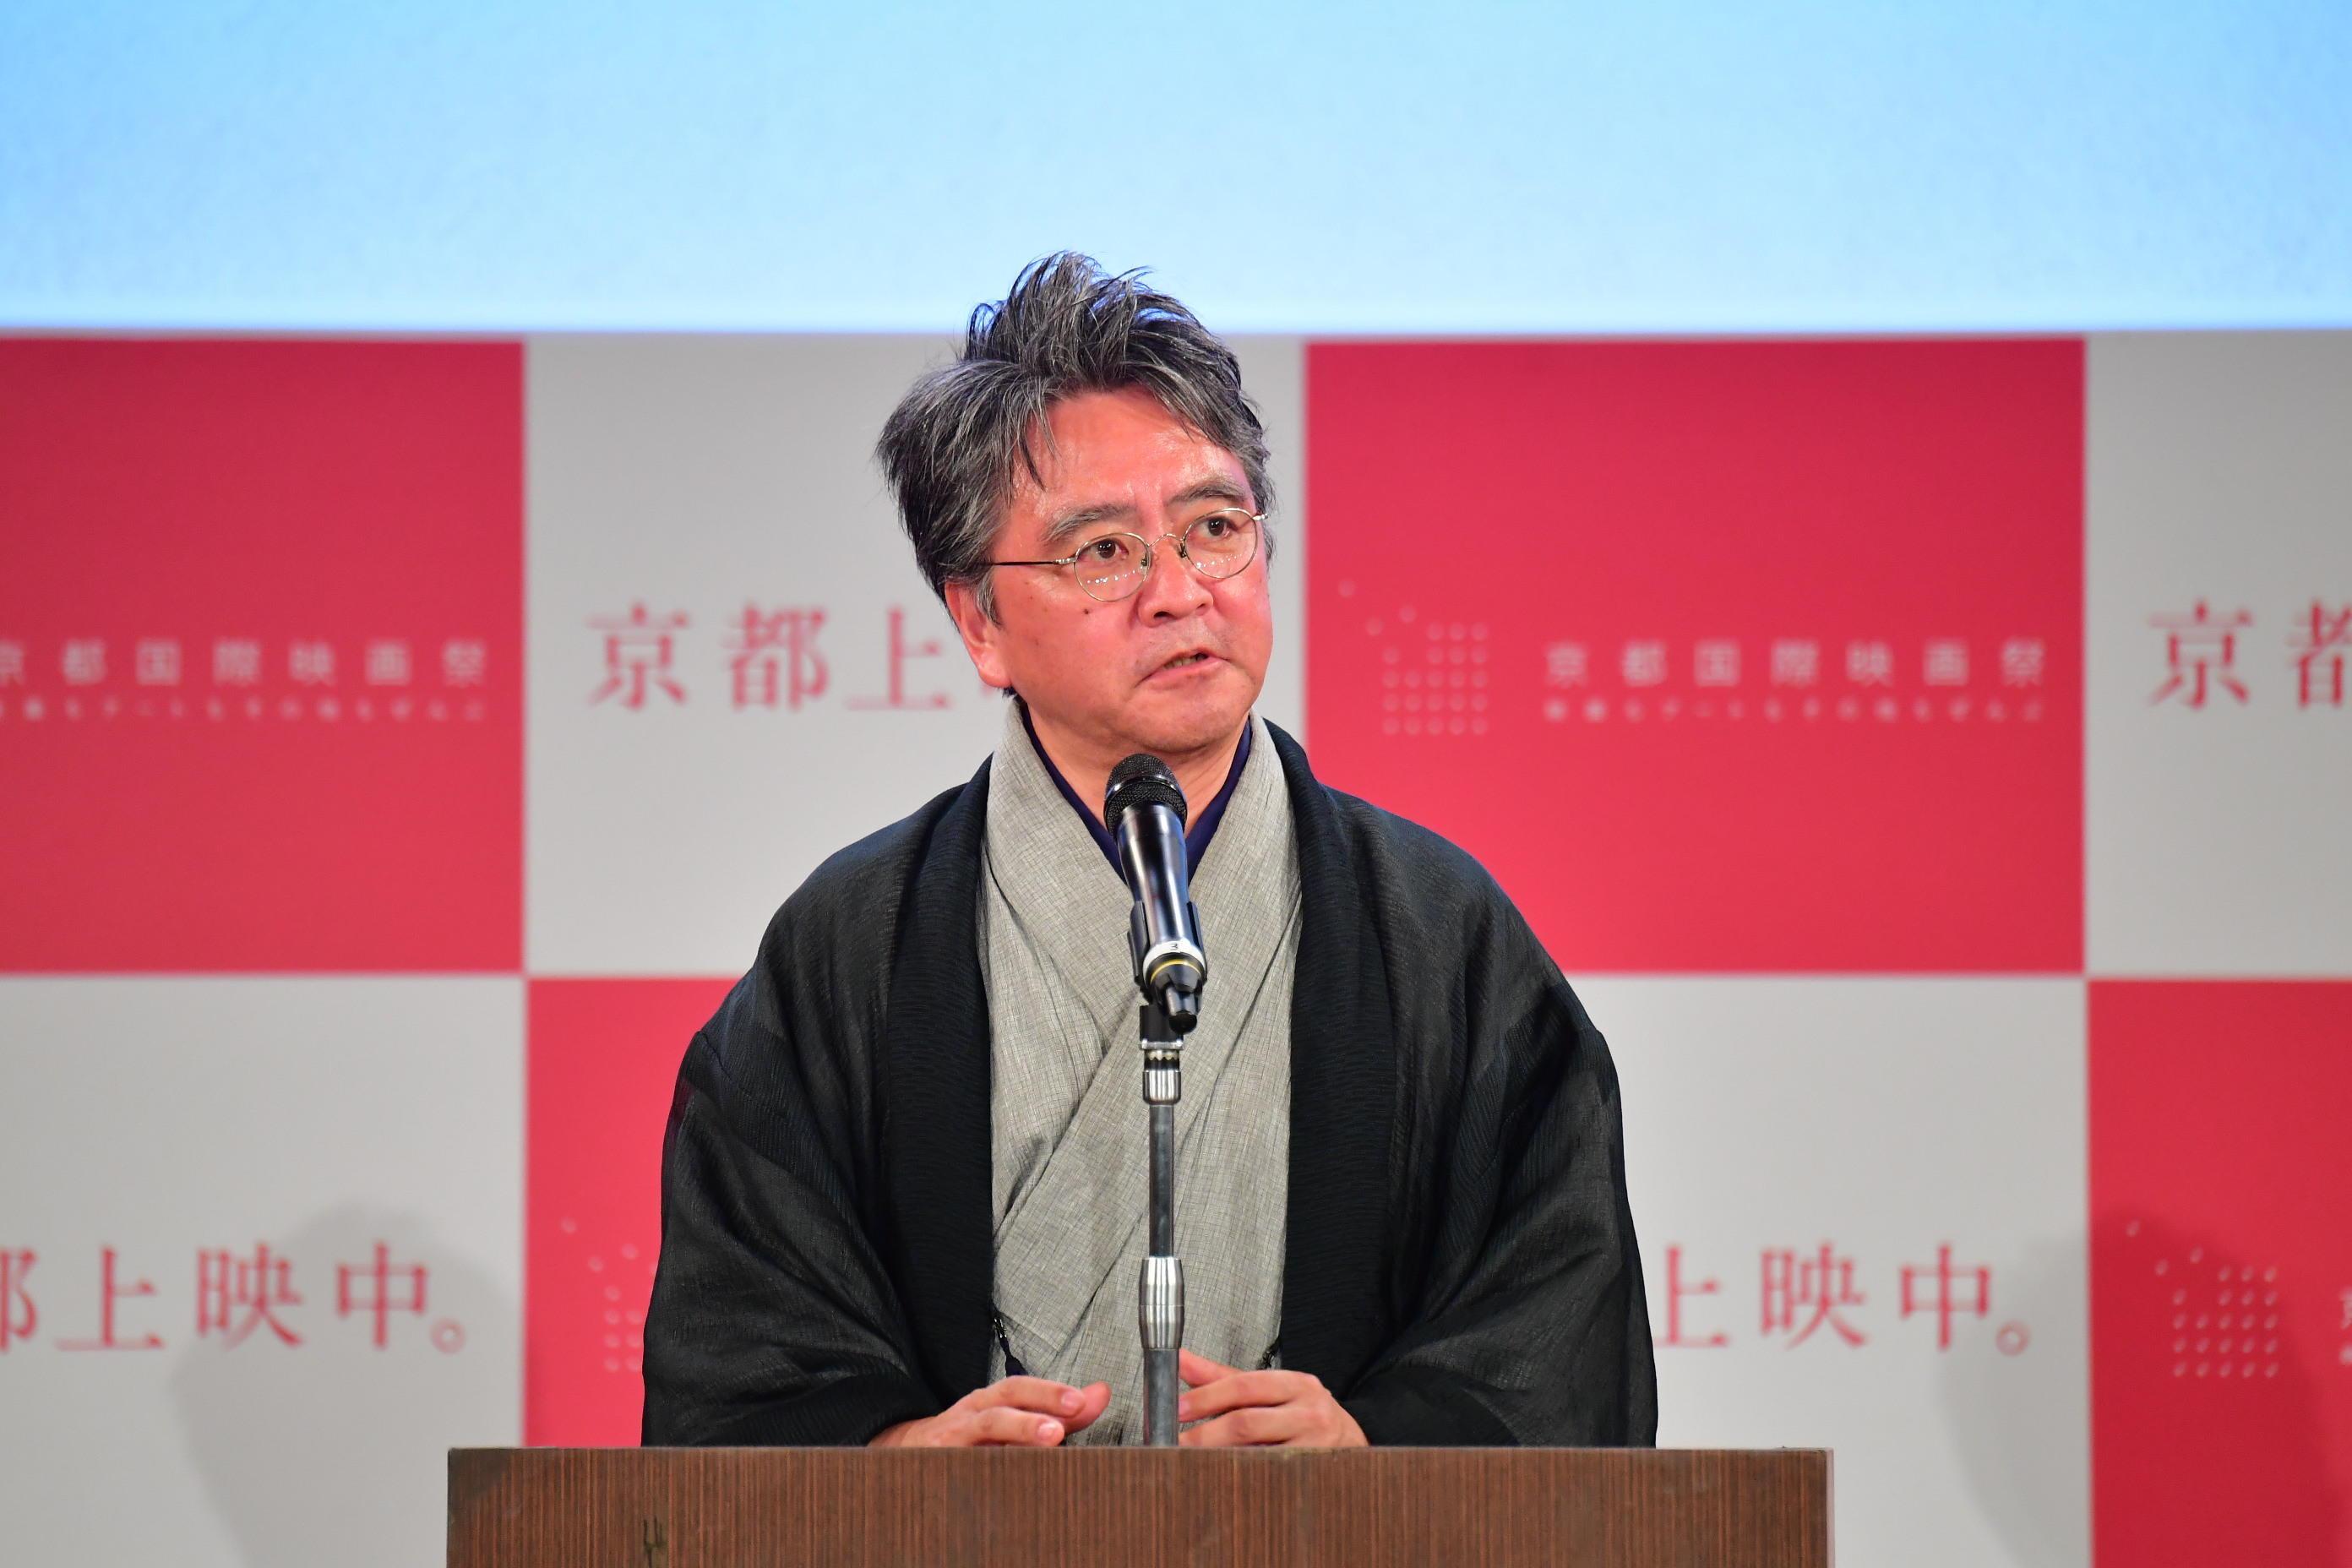 http://news.yoshimoto.co.jp/20180903232058-762b309c9a3f475e2c3e2e4e45c01243487924b9.jpg